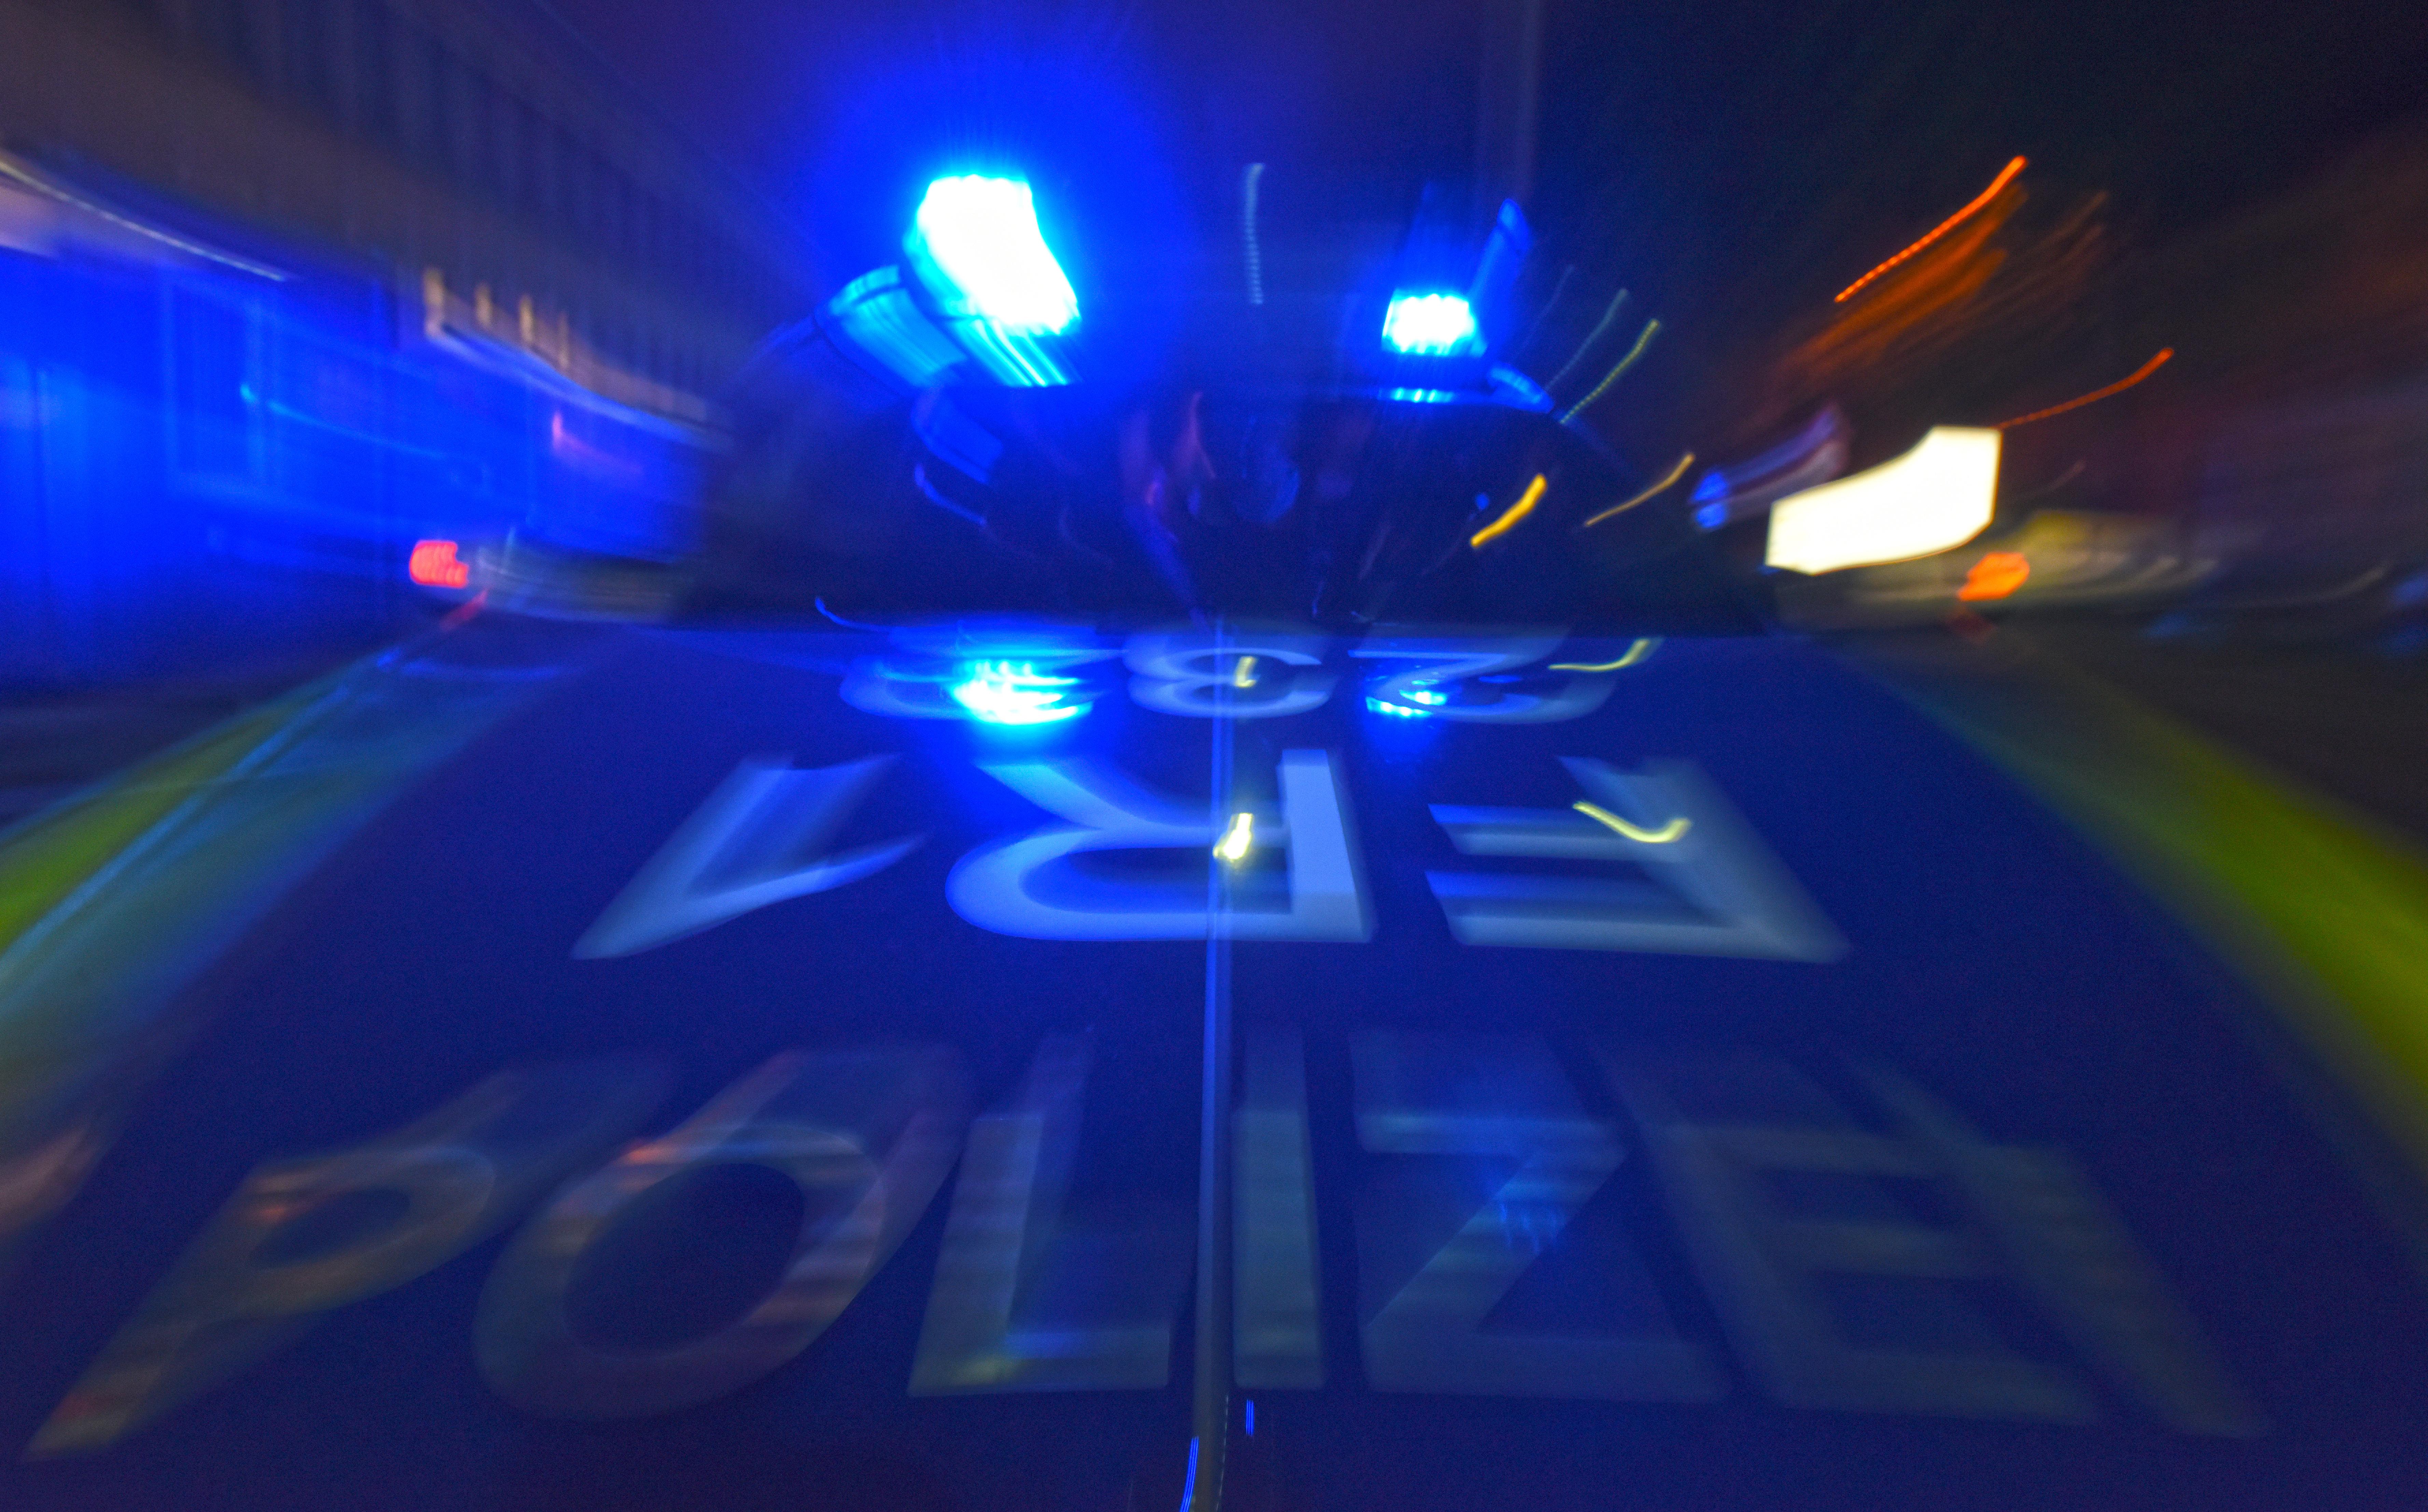 NRW: 33-Jähriger soll 17-Jährigen in einer Asyl-Unterkunft vergewaltigt